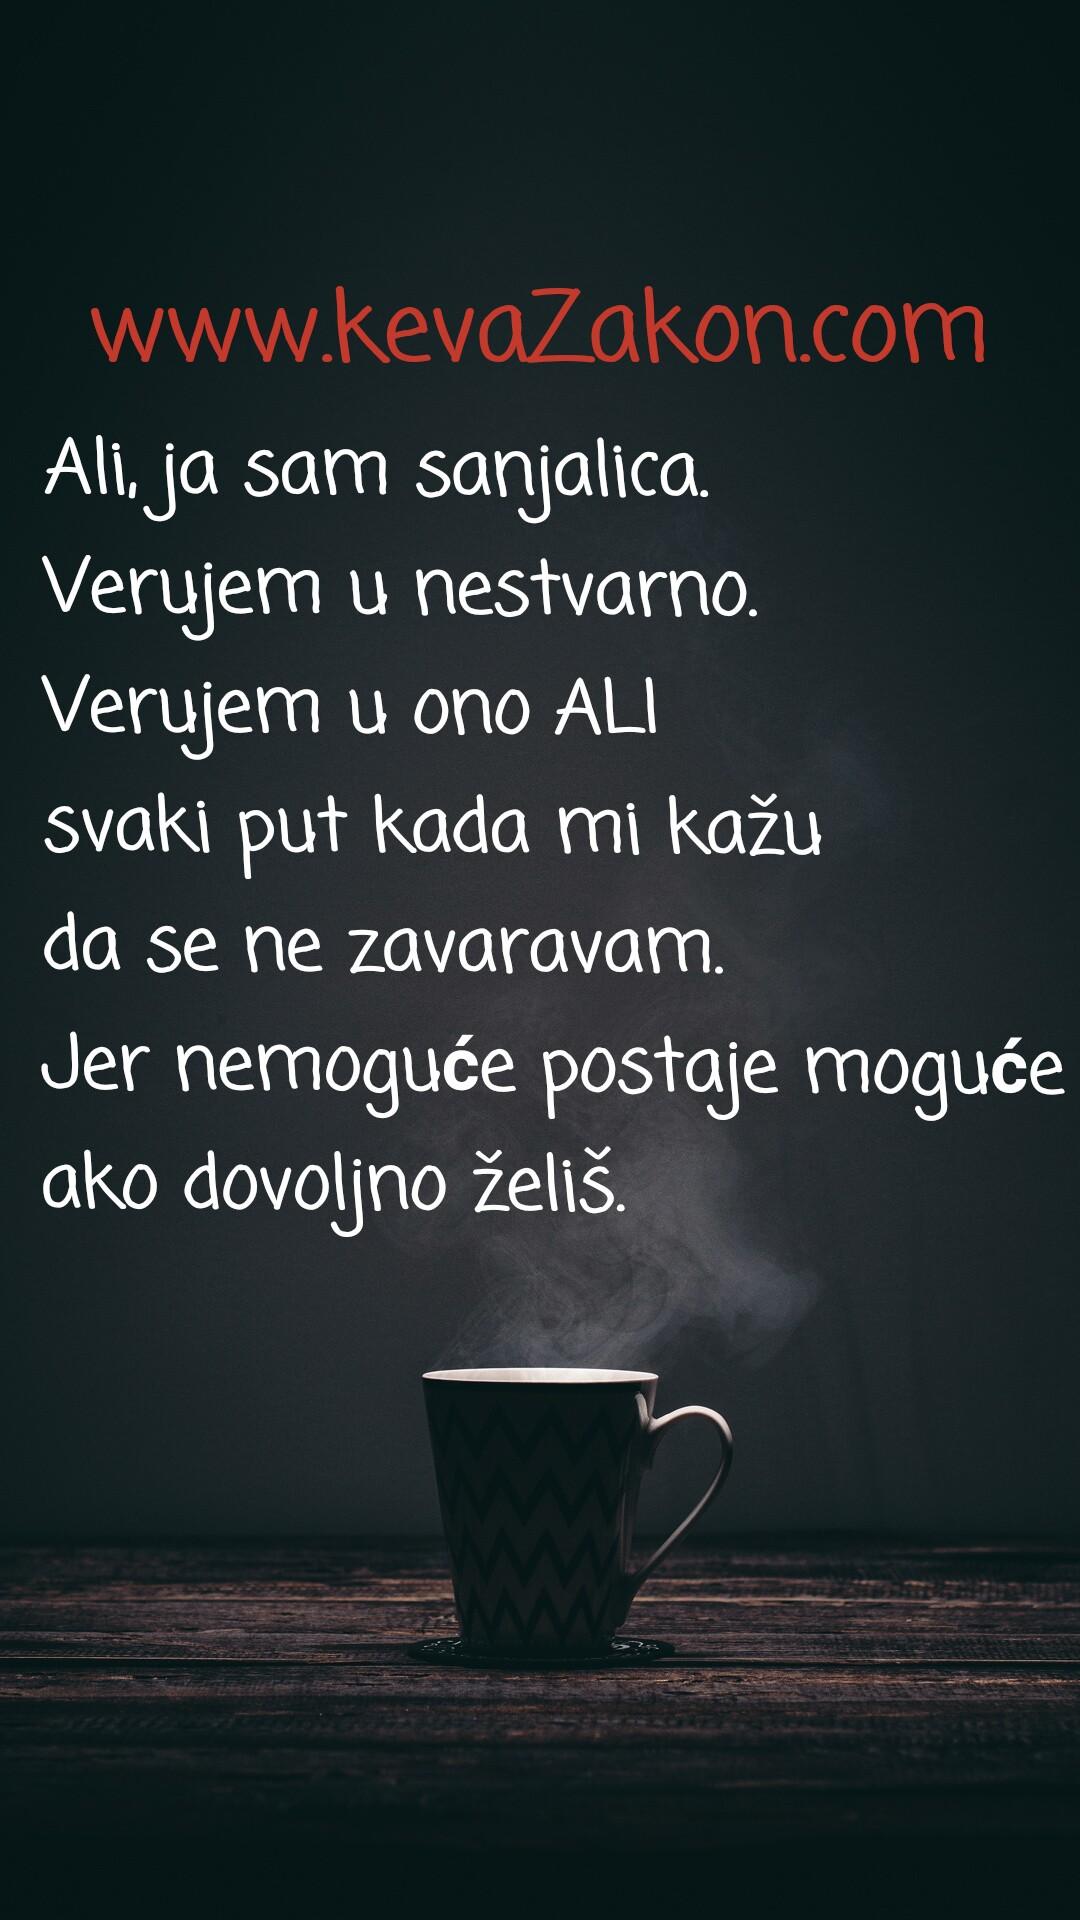 Sanjalica